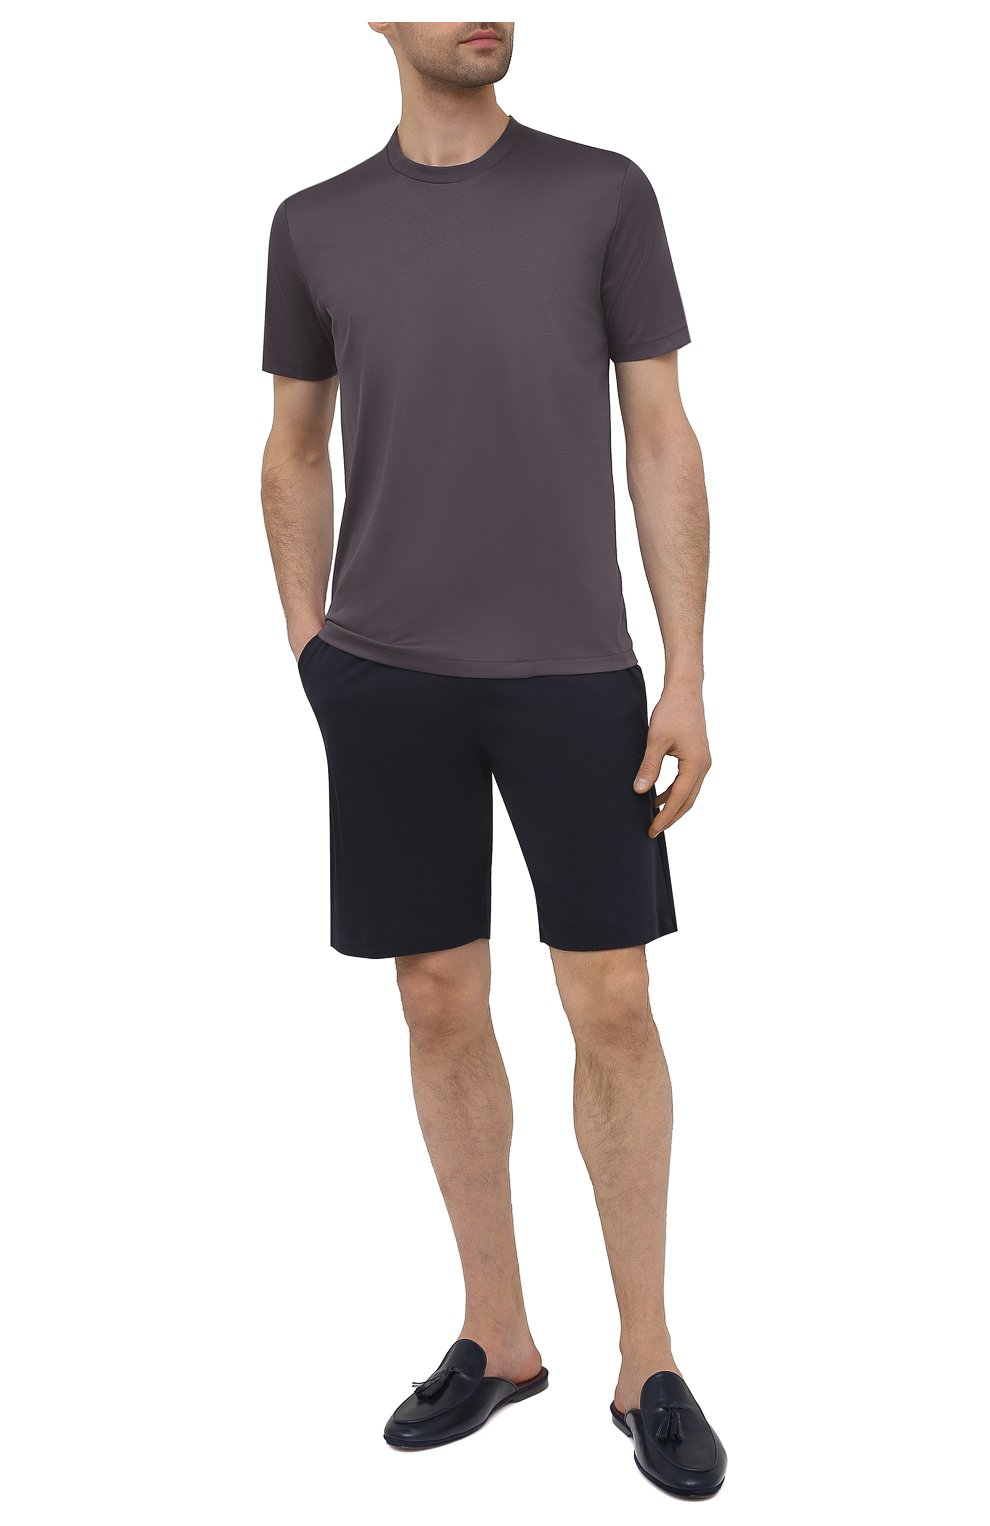 Мужская хлопковая футболка ZIMMERLI темно-серого цвета, арт. 286-1447 | Фото 2 (Кросс-КТ: домашняя одежда; Рукава: Короткие; Длина (для топов): Стандартные; Материал внешний: Хлопок; Мужское Кросс-КТ: Футболка-белье)